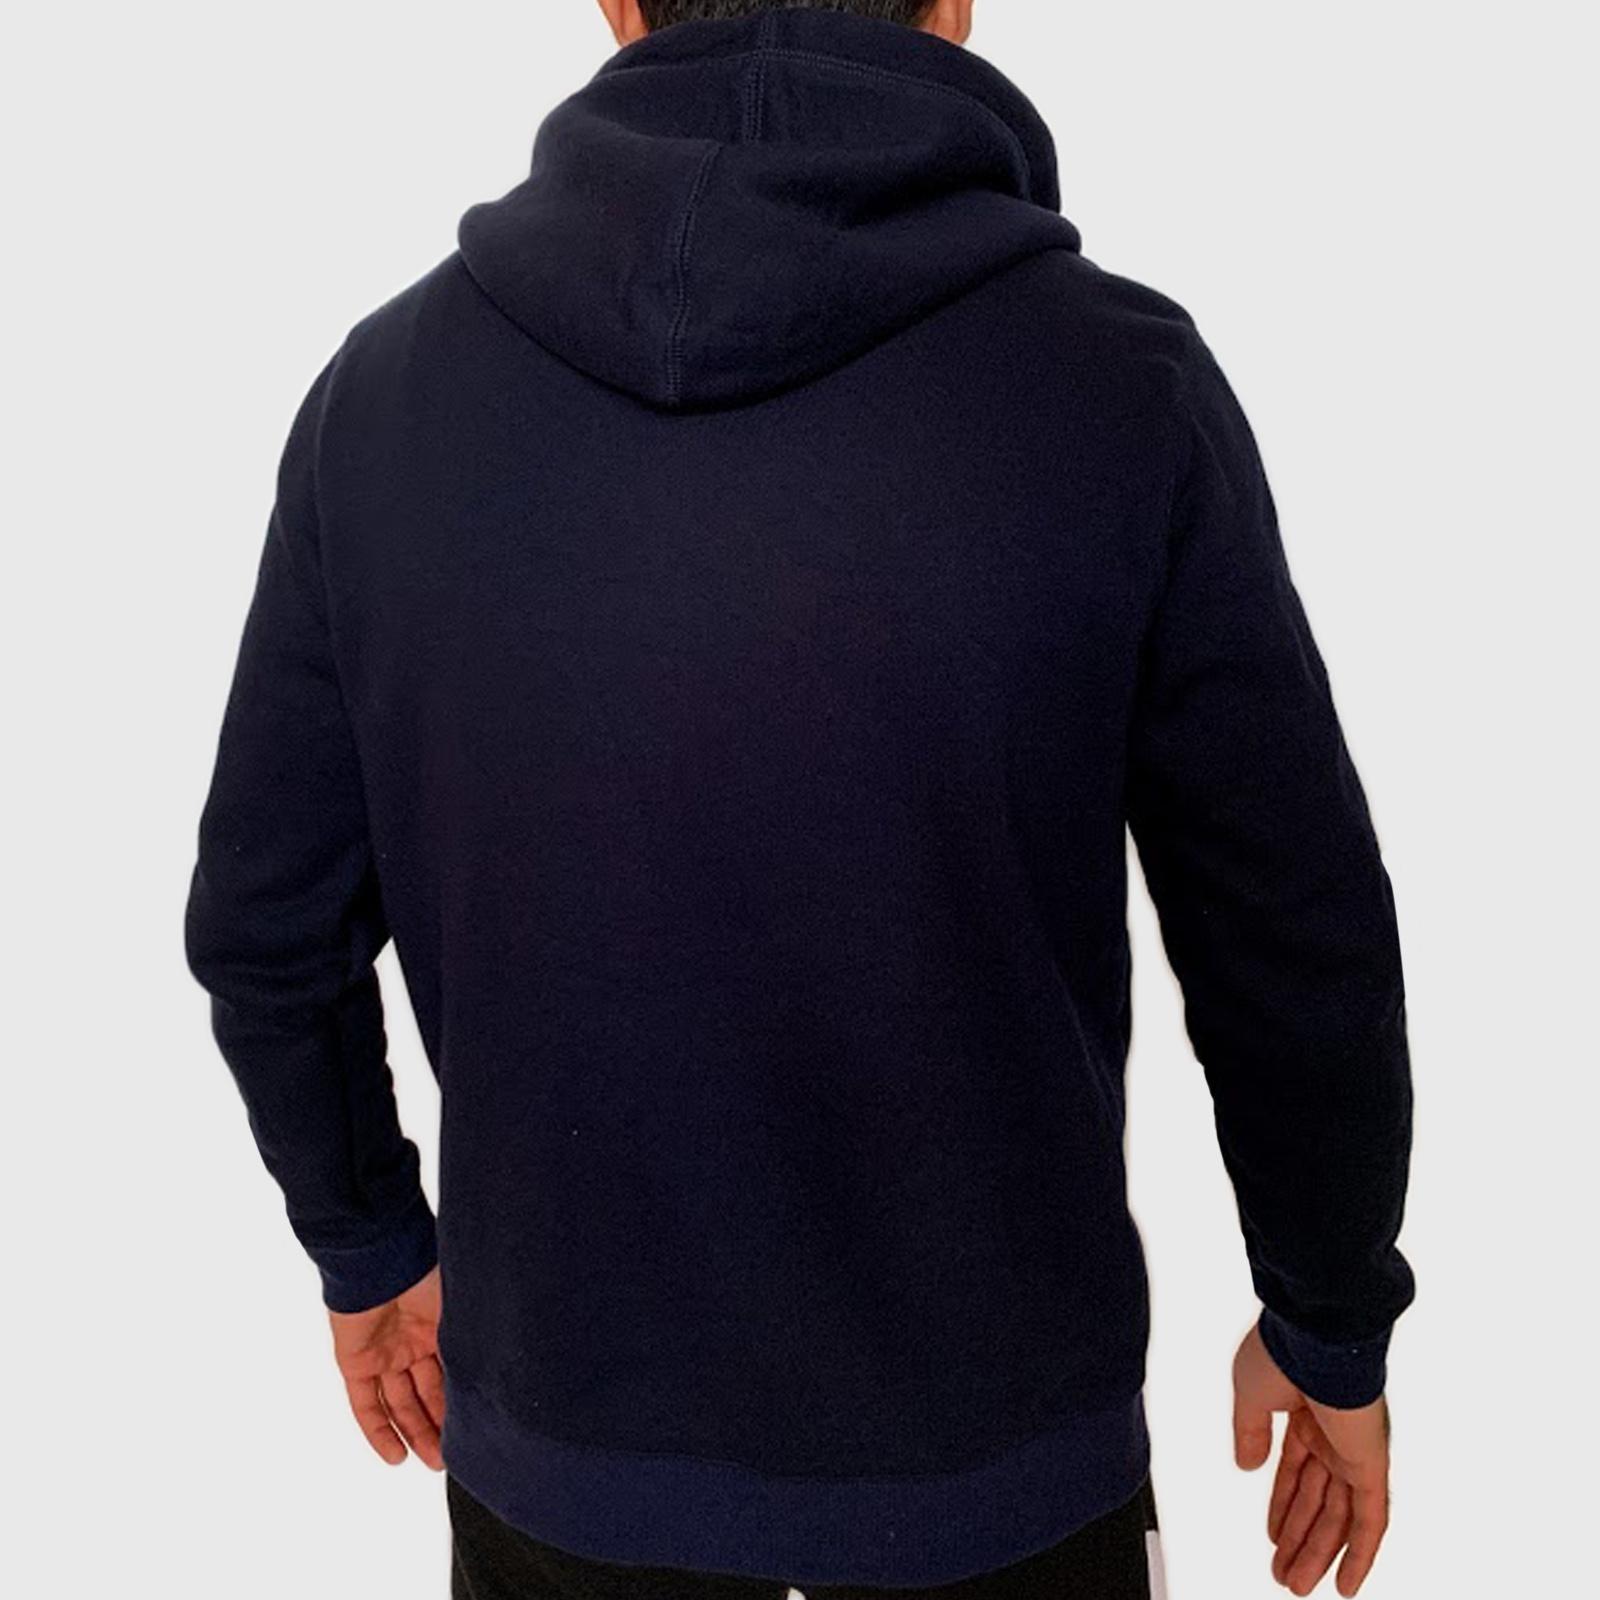 Самый большой выбор спортивной одежды для мужчин ЗДЕСЬ!